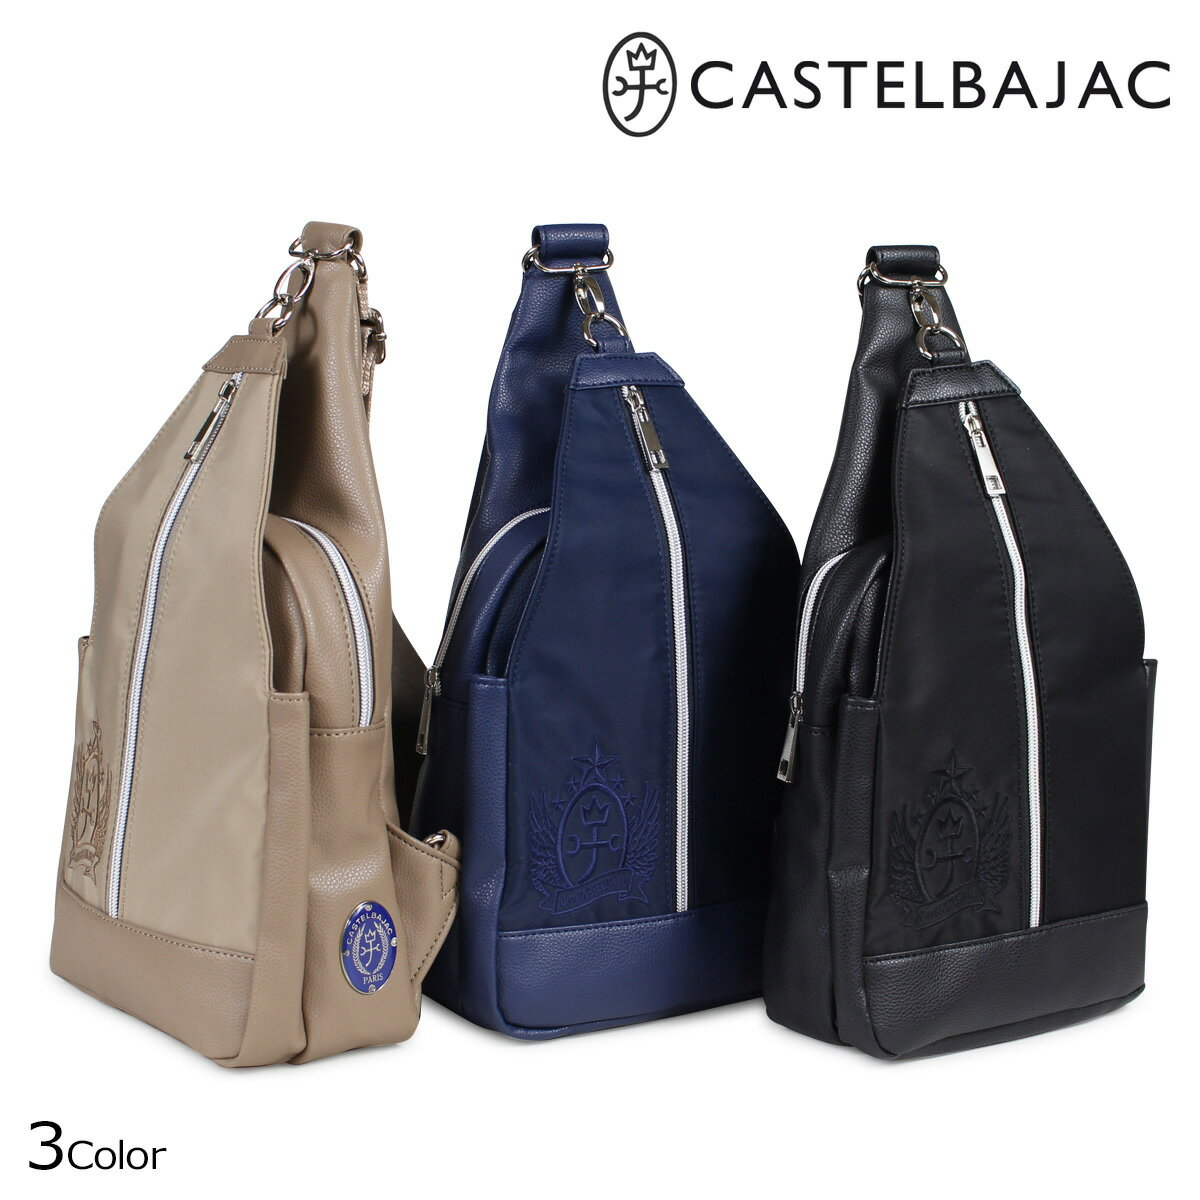 【最大2000円OFFクーポン】 カステルバジャック CASTELBAJAC バッグ ボディーバッグ メンズ 23603137